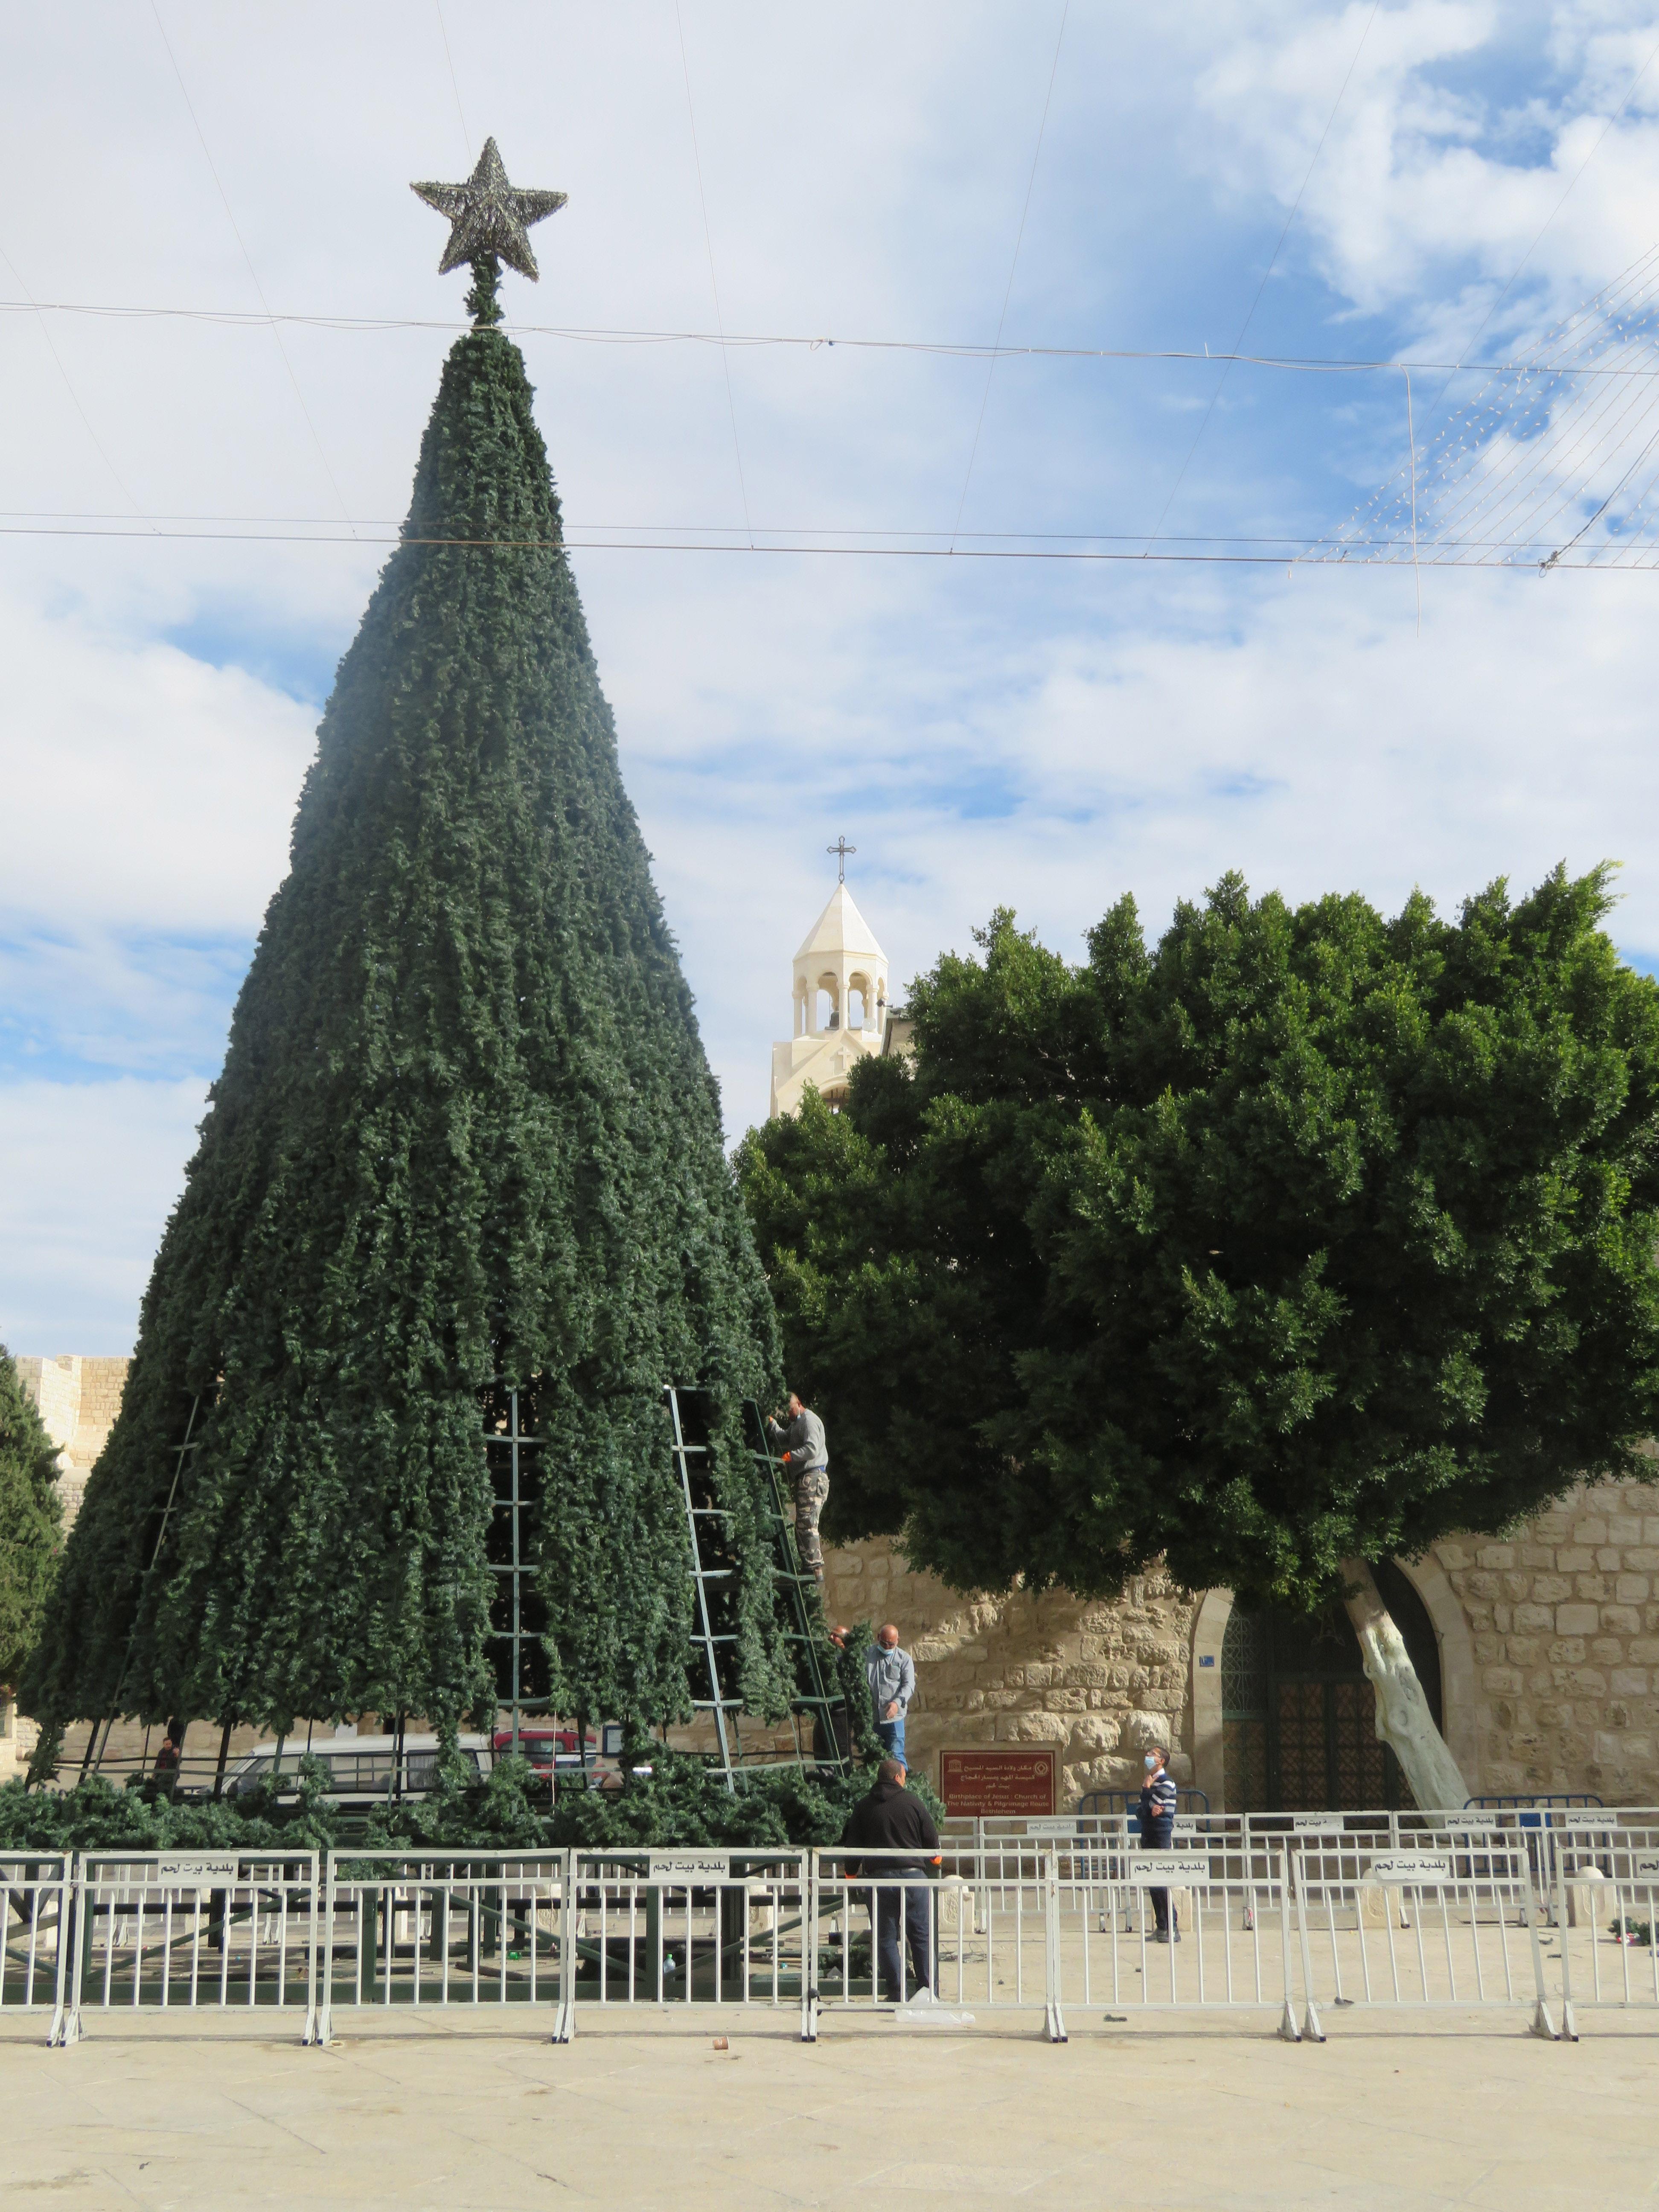 Assembling the Christmas Tree on Manger Square in Bethlehem in late November.